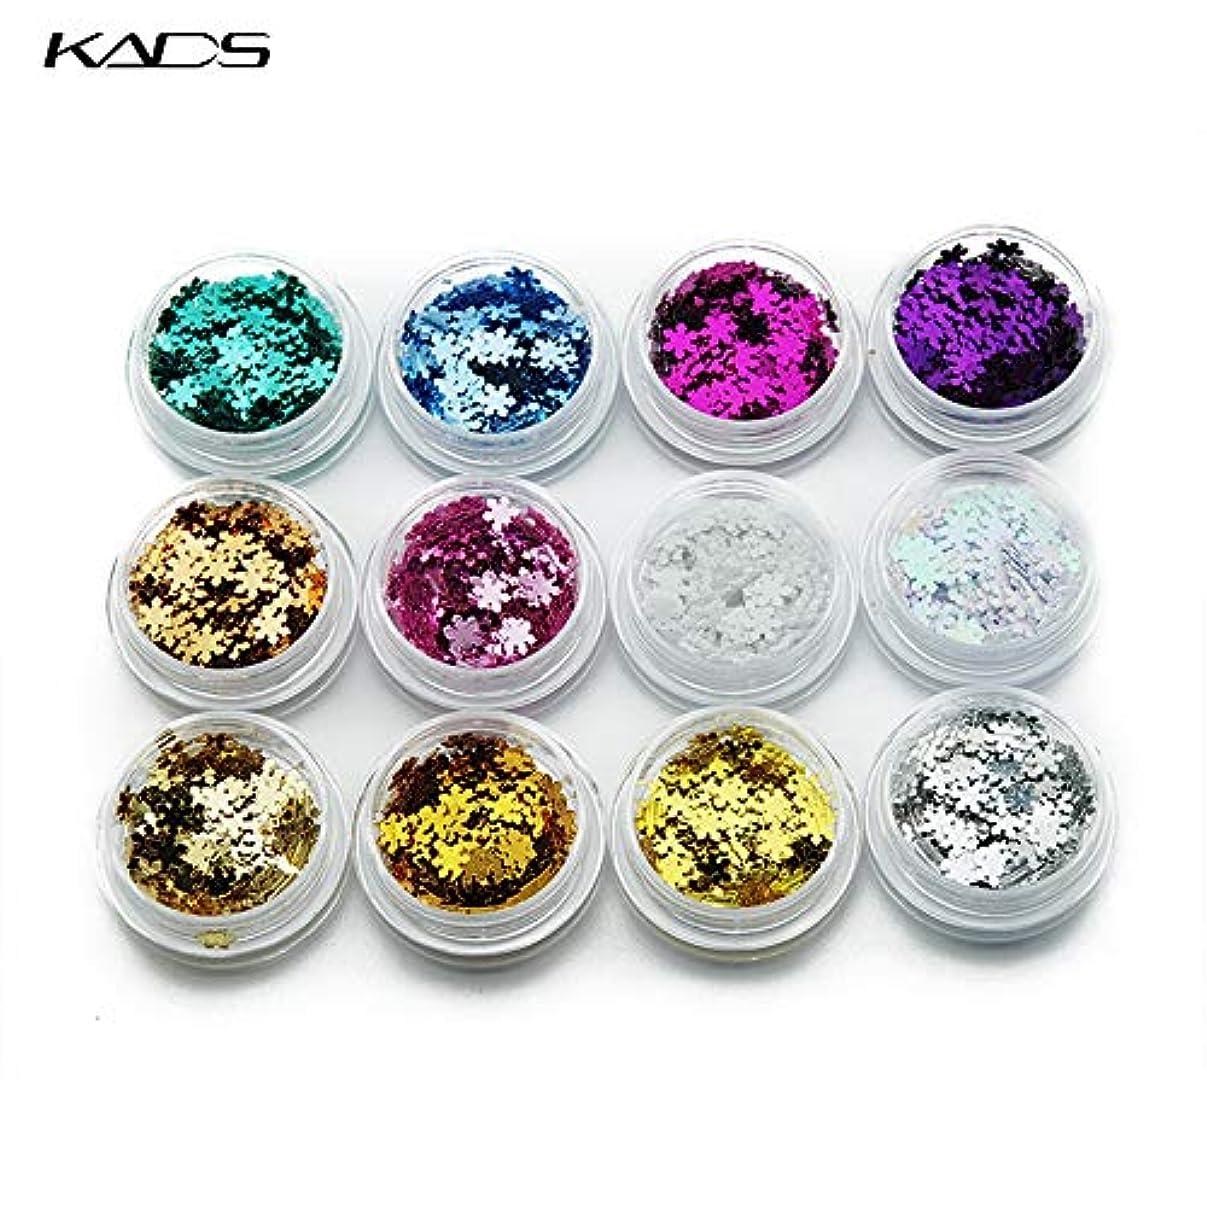 KADS クラッシュホログラム ネイルミニスパンコール ネイルアートホログラム ネイルカラフルオーナメント 12色セット(5)